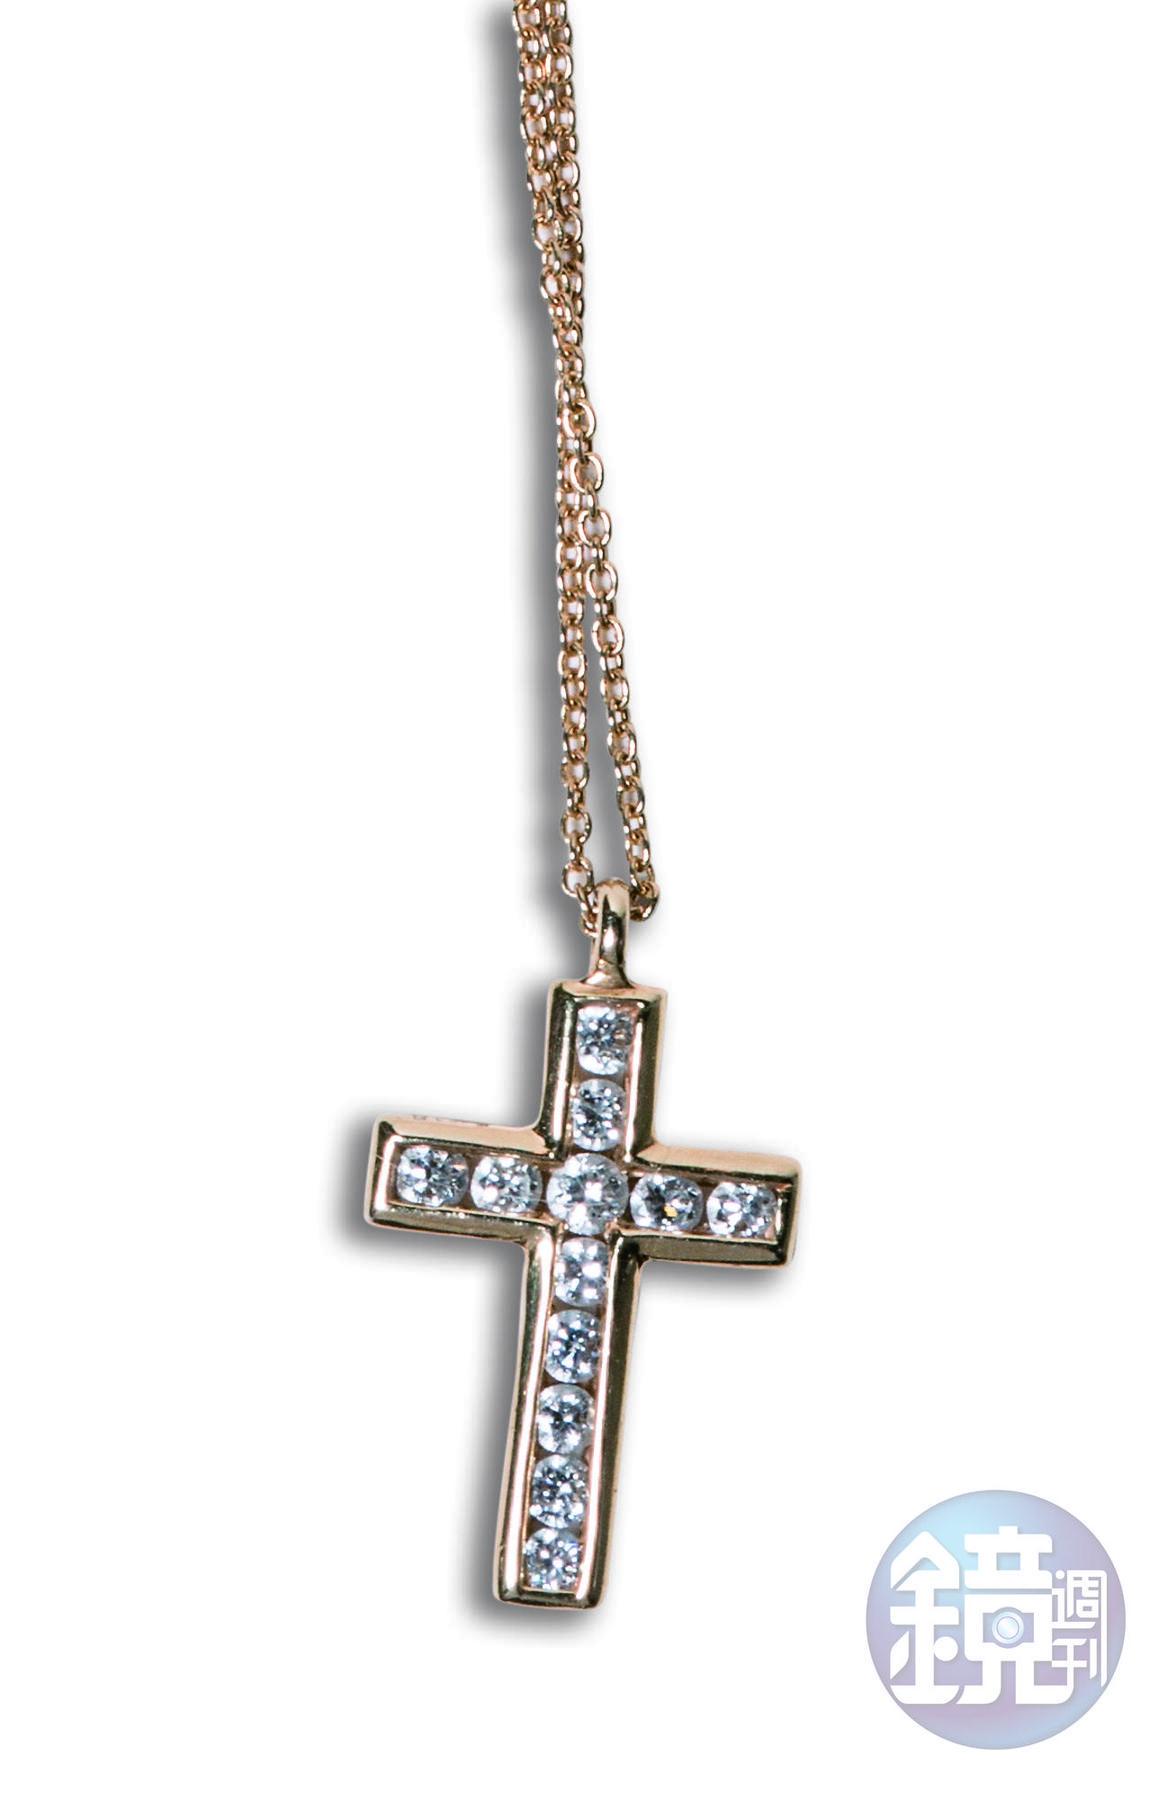 十字架鑽石項鍊,朋友贈送。